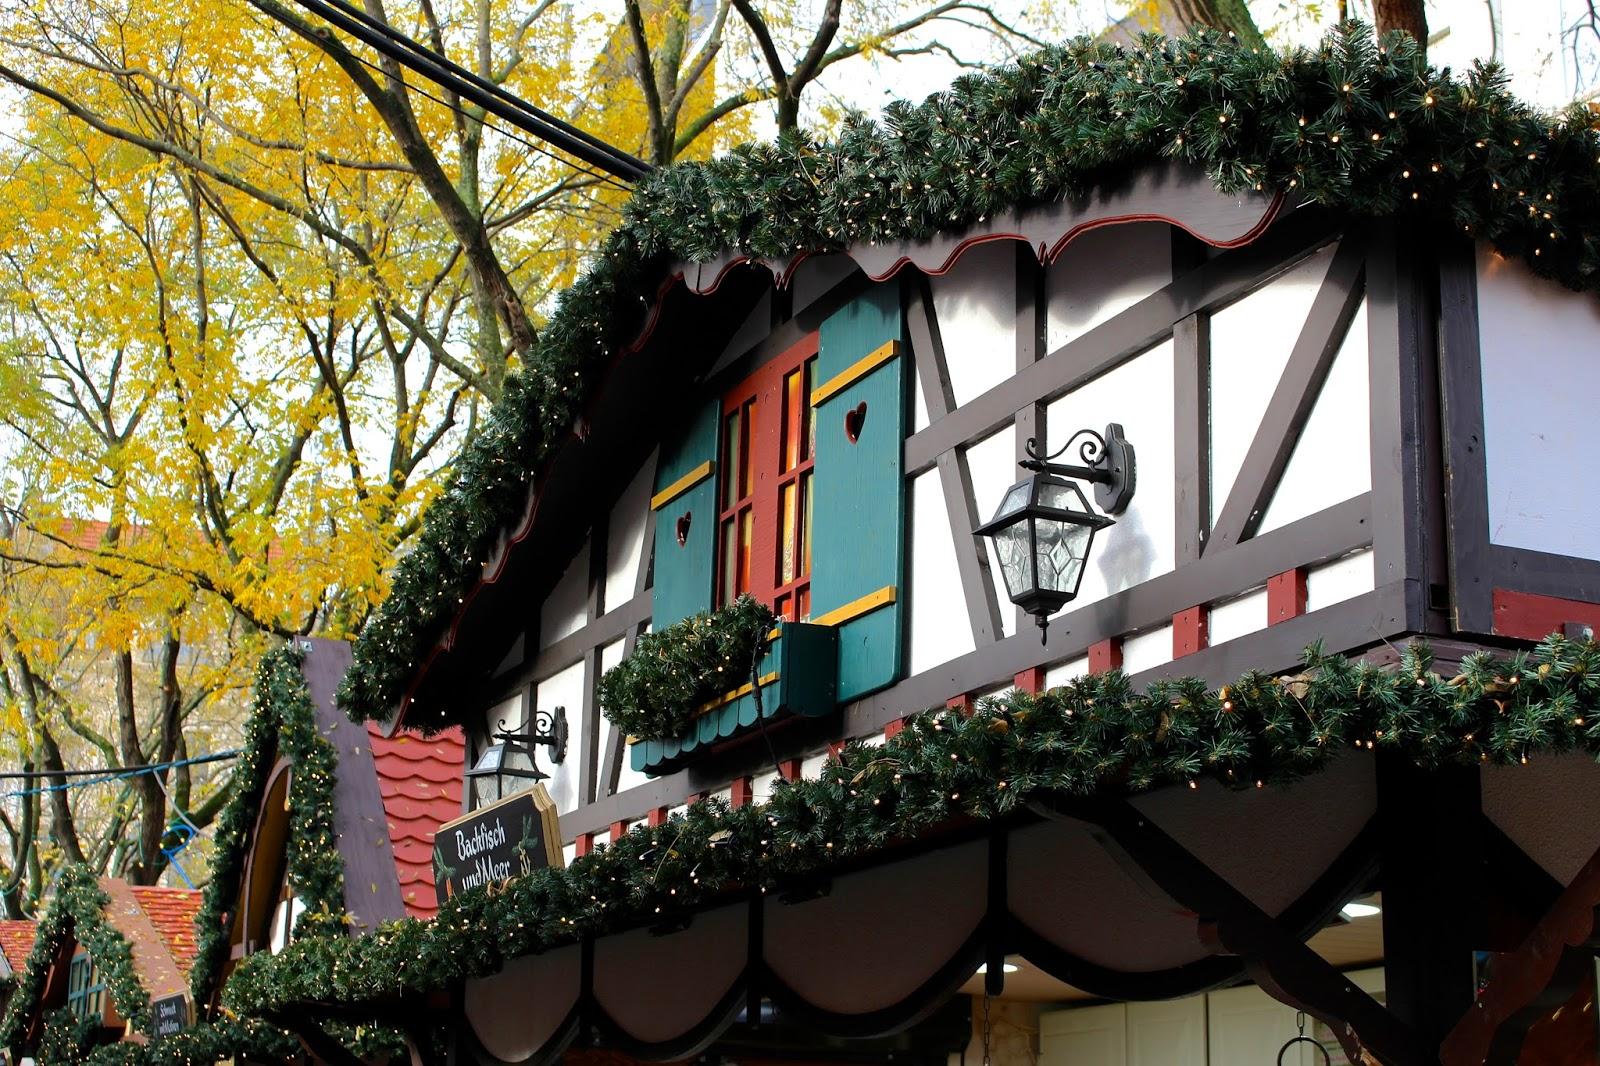 German market architecture